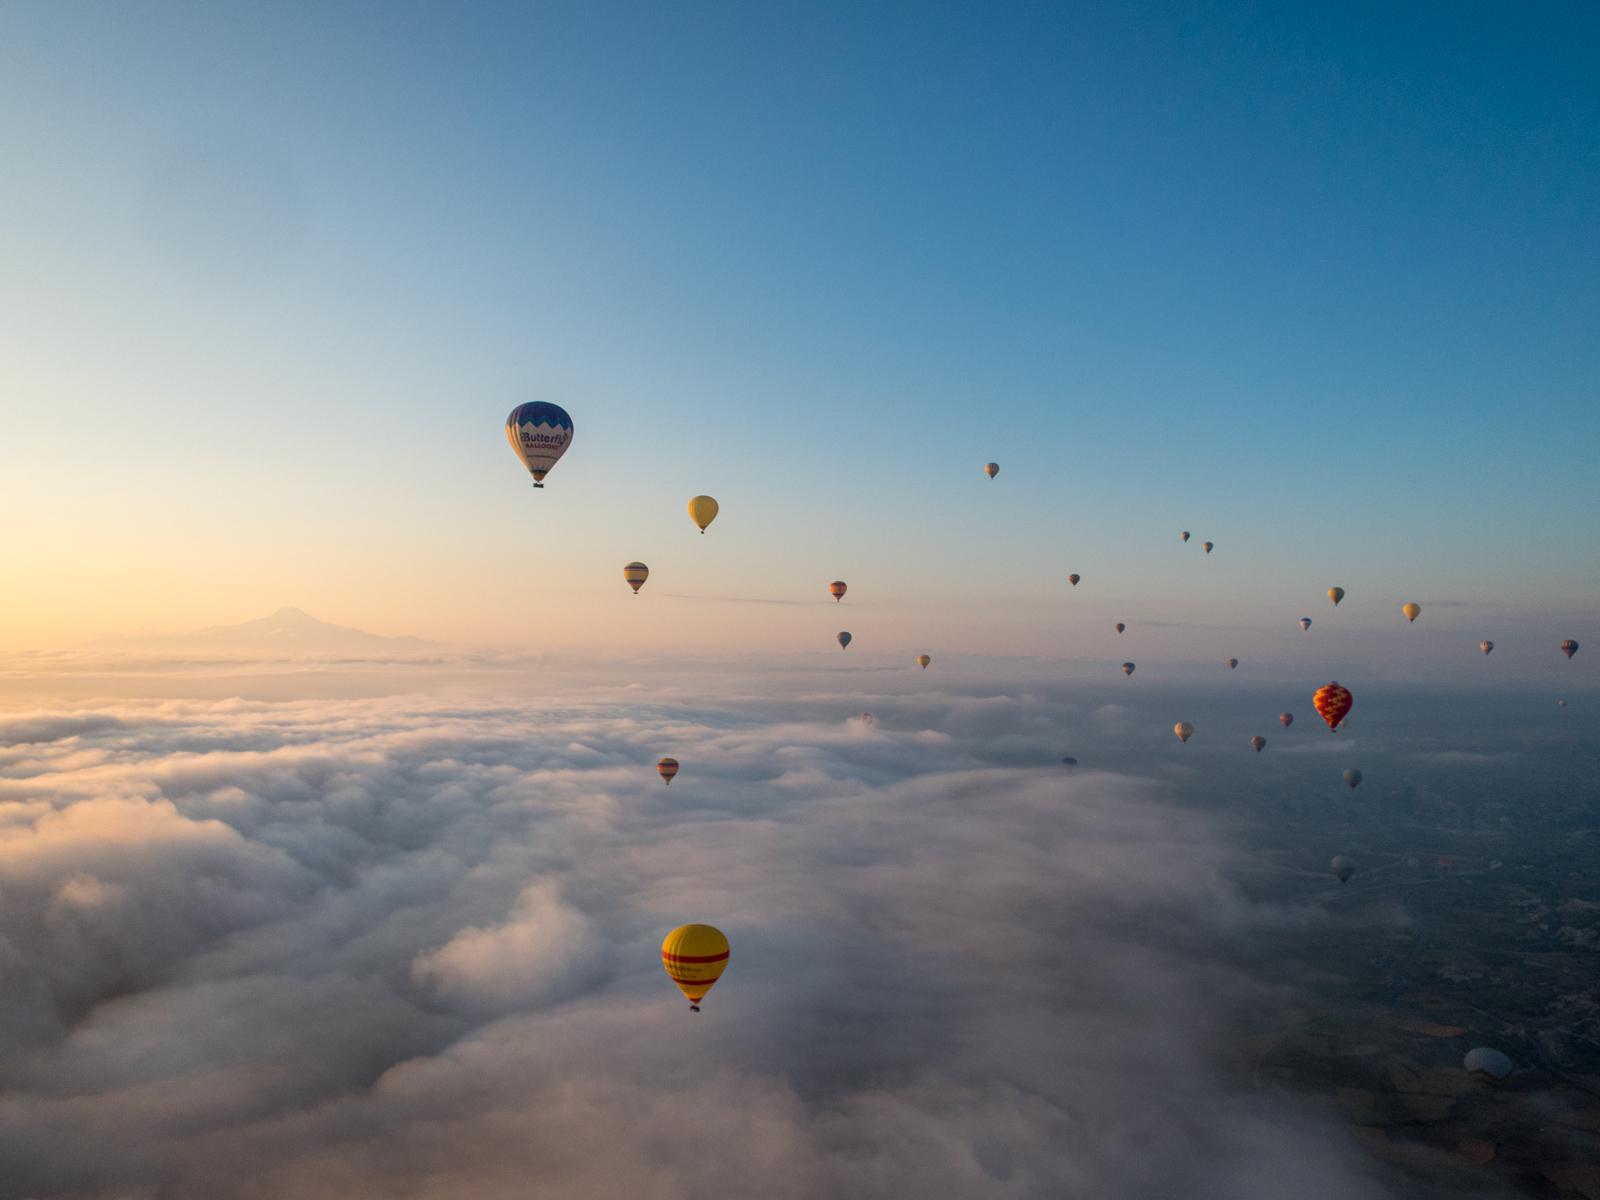 Sunrise balloon ride